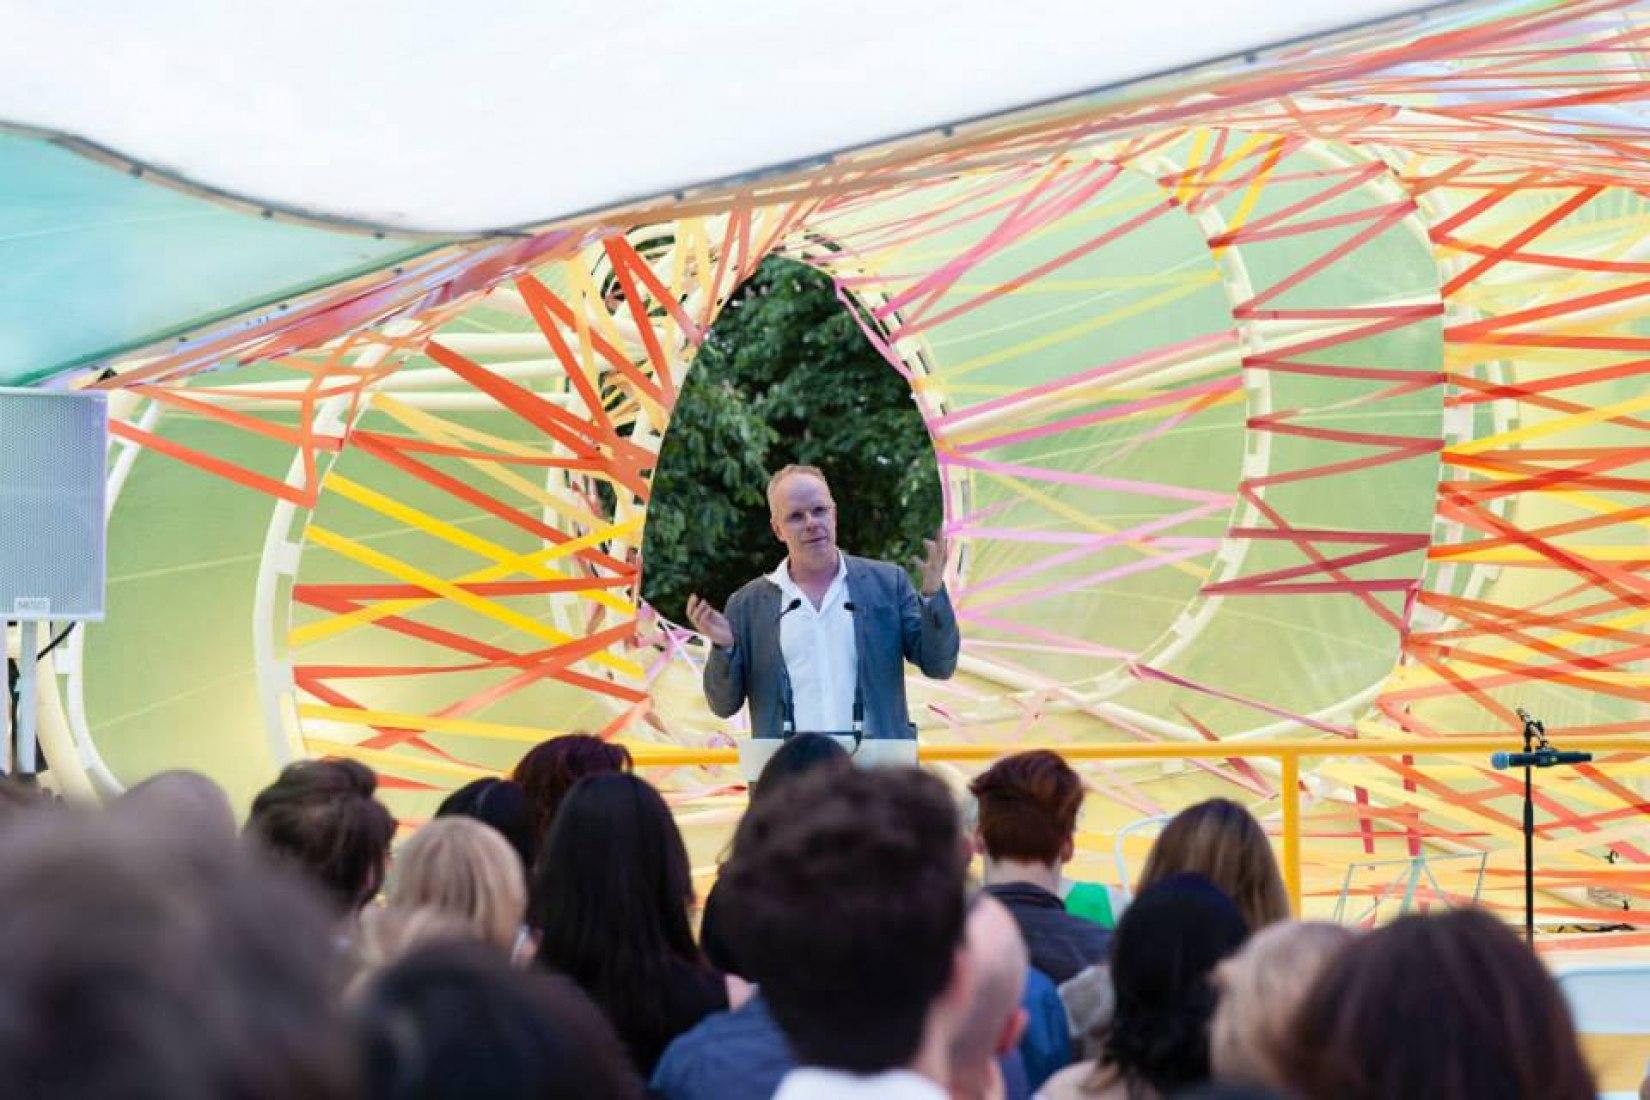 Hans Ulrich Obrist. Pabellón de la Serpentine 2015 diseñado por selgascano (25 de junio – 18 de octubre 2015). Fotografía © Lewis Ronald/Cortesía de Serpentine Gallery.